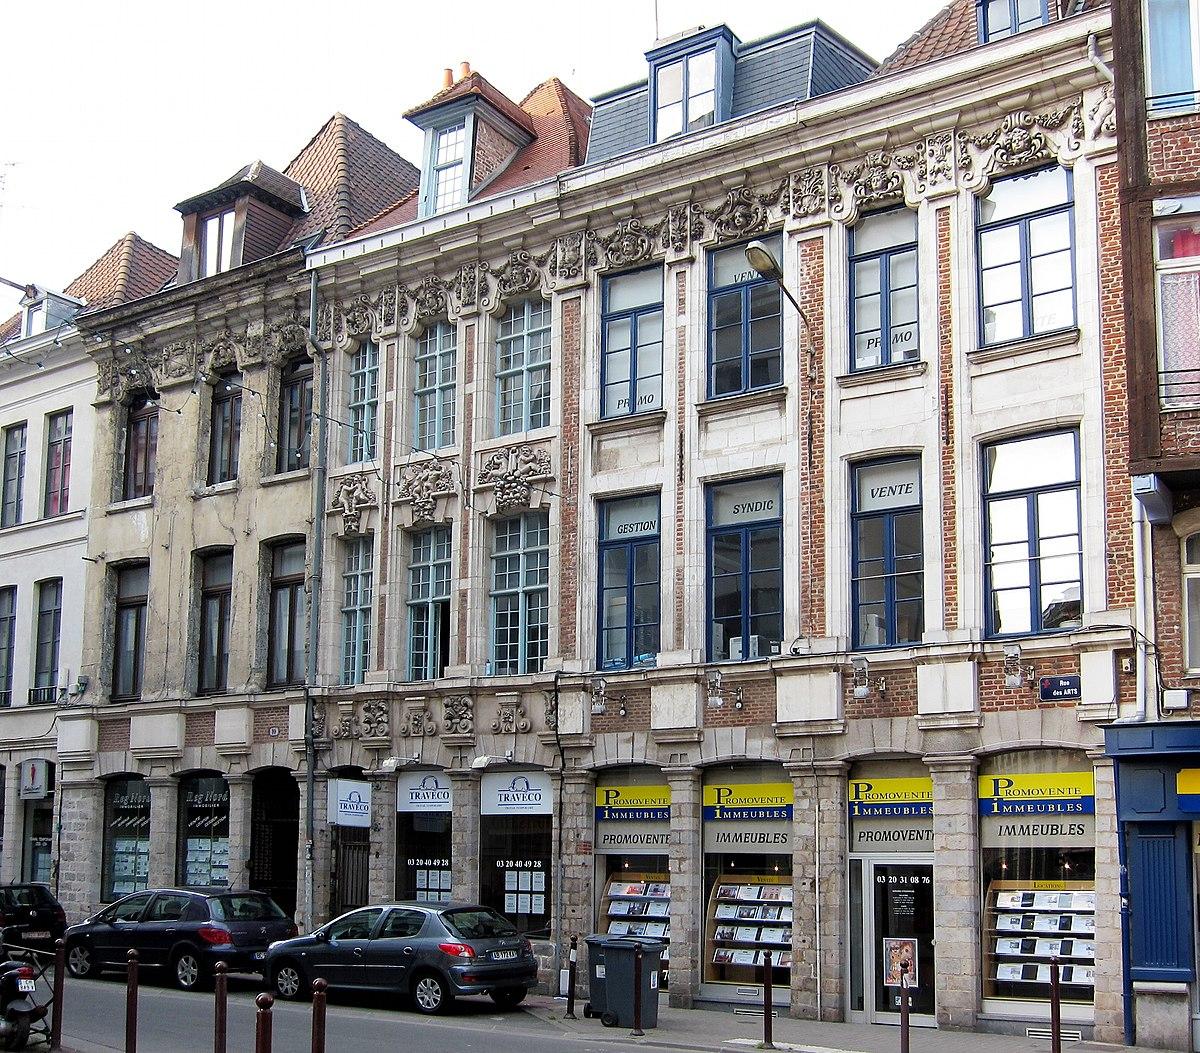 Rue des arts lille wikip dia - Salon de la gastronomie lille ...